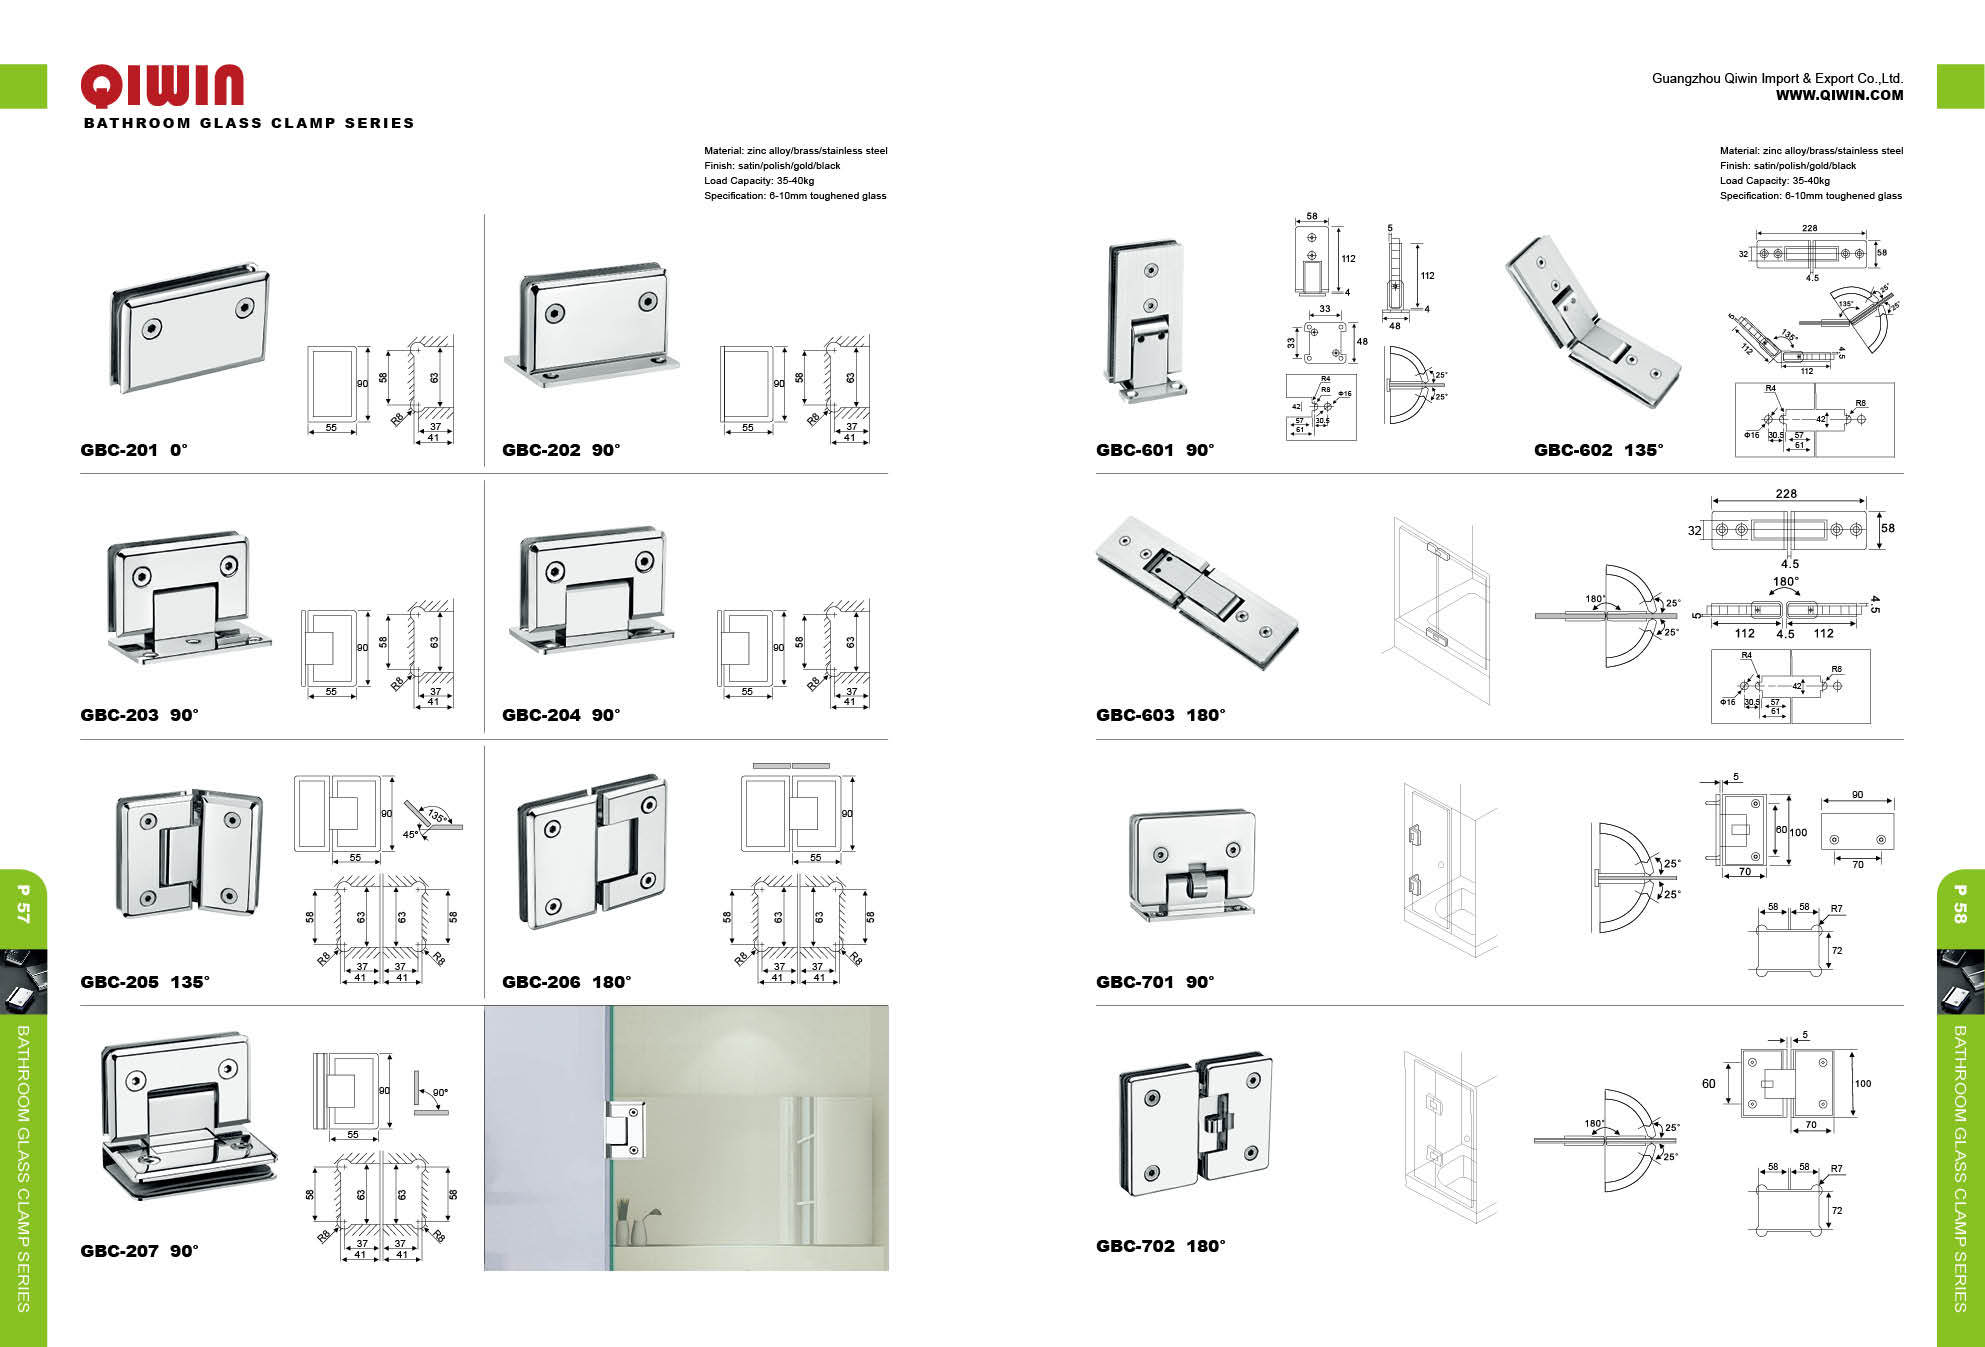 hight resolution of stainless steel frameless glass to glass hinge 180 degree square corner shower door hinge